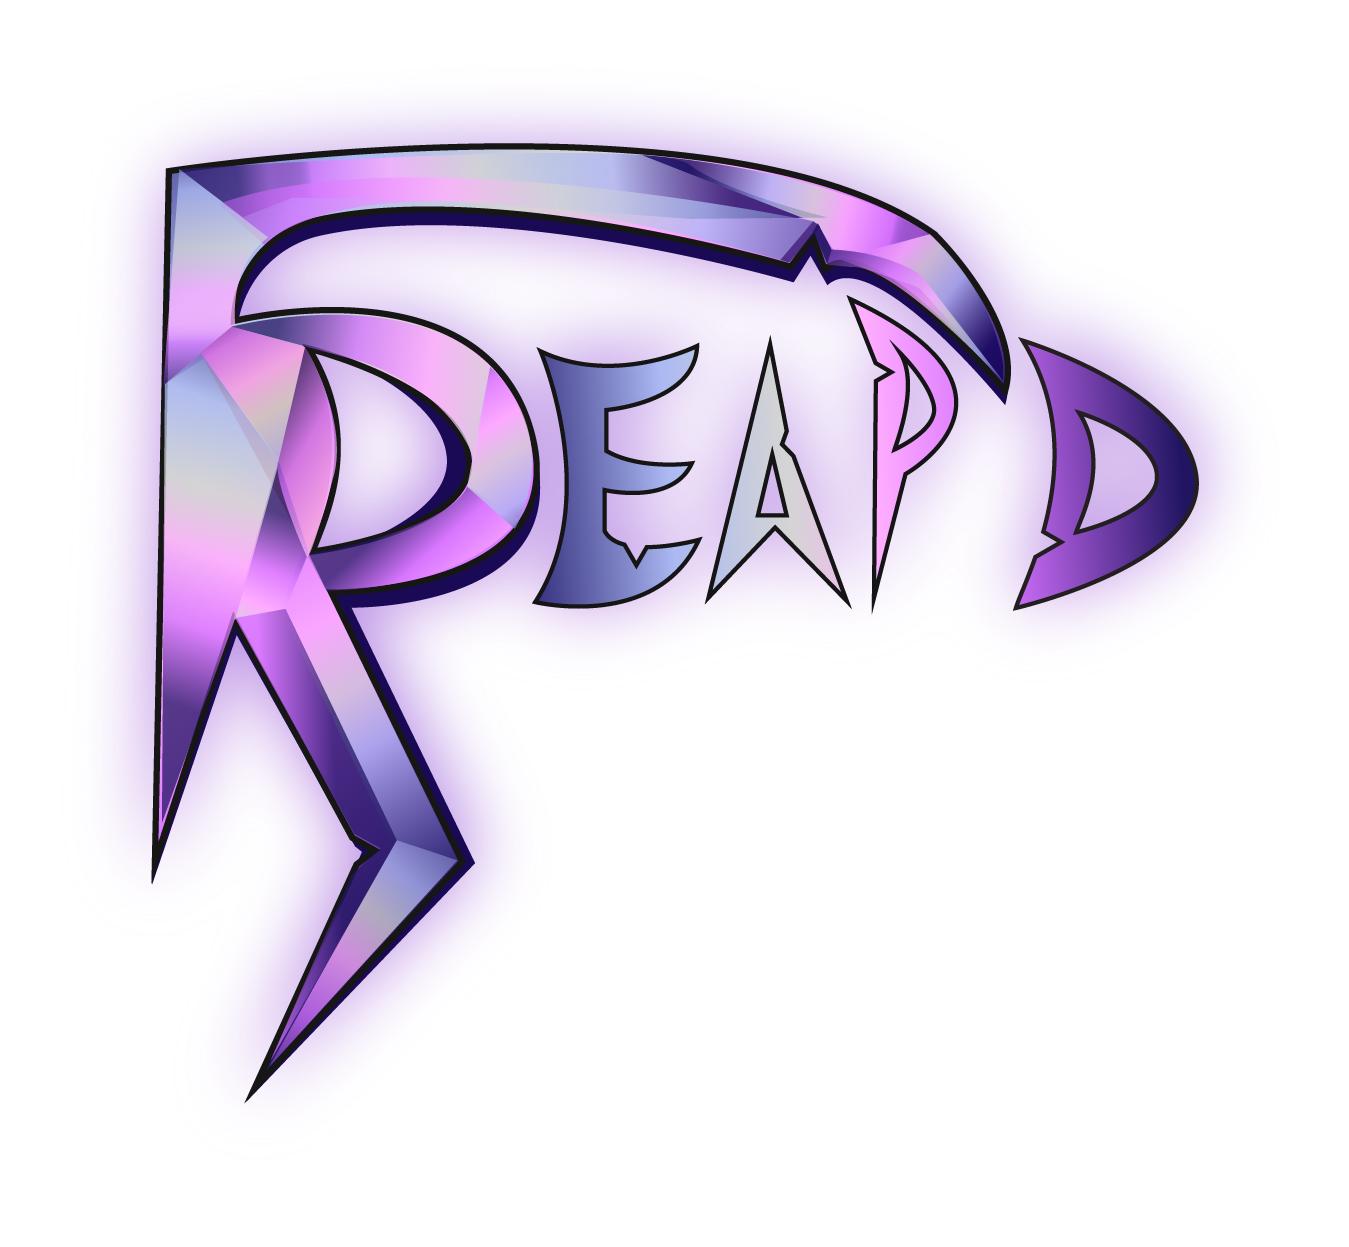 REAP'D